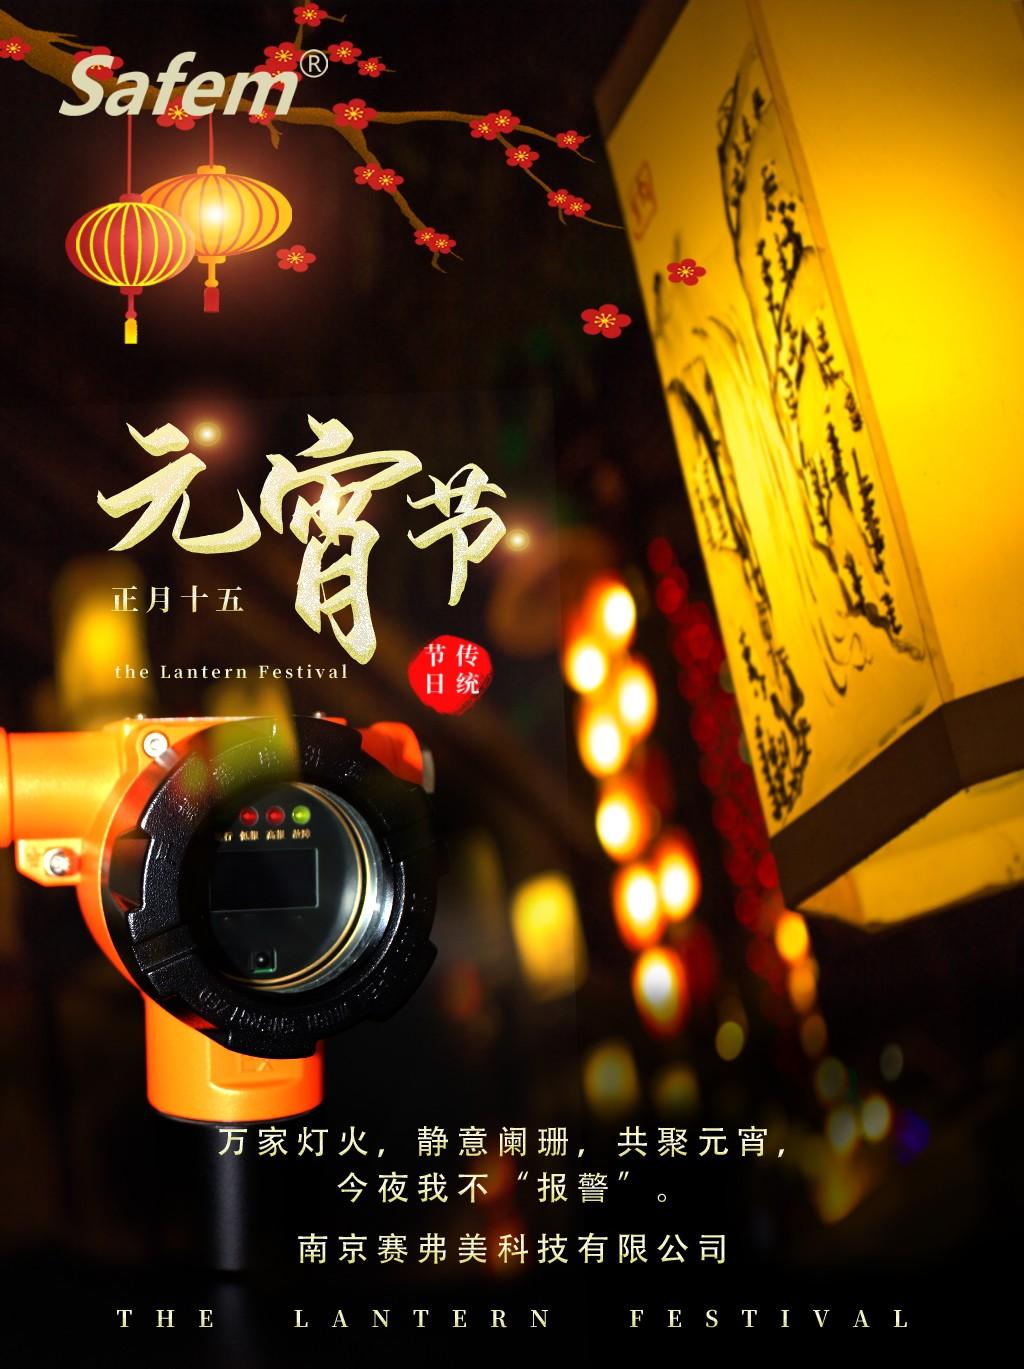 中国风传统佳节元宵节团圆灯笼简约创意海报源文件.jpg